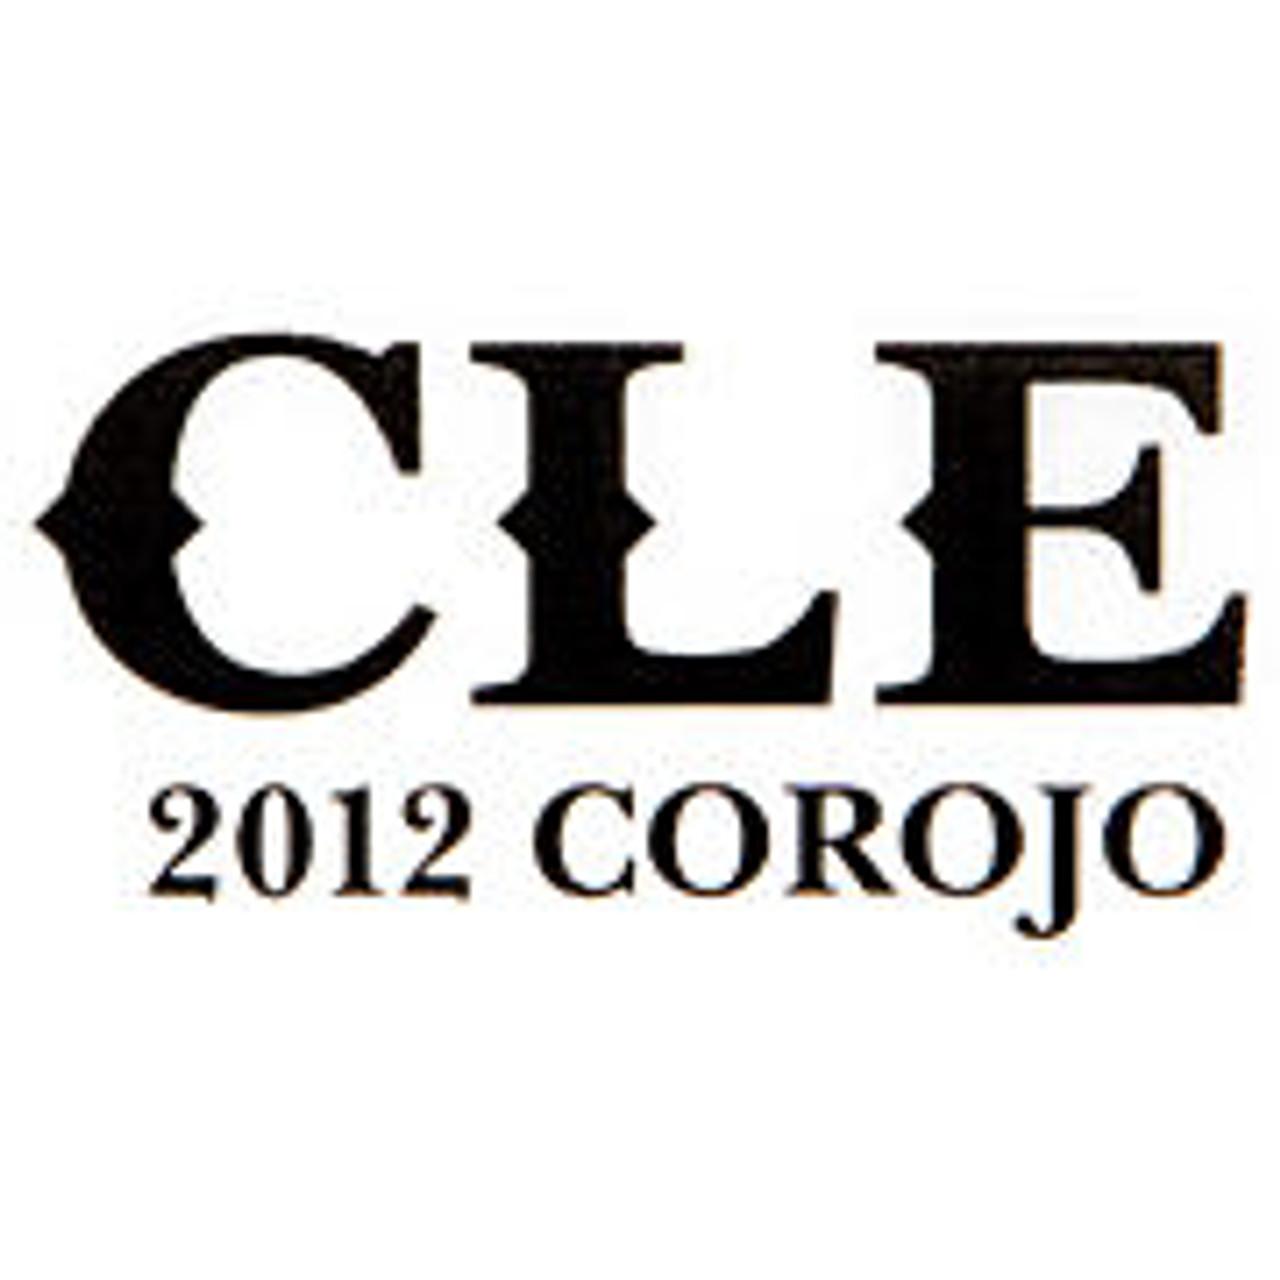 CLE Corojo Logo